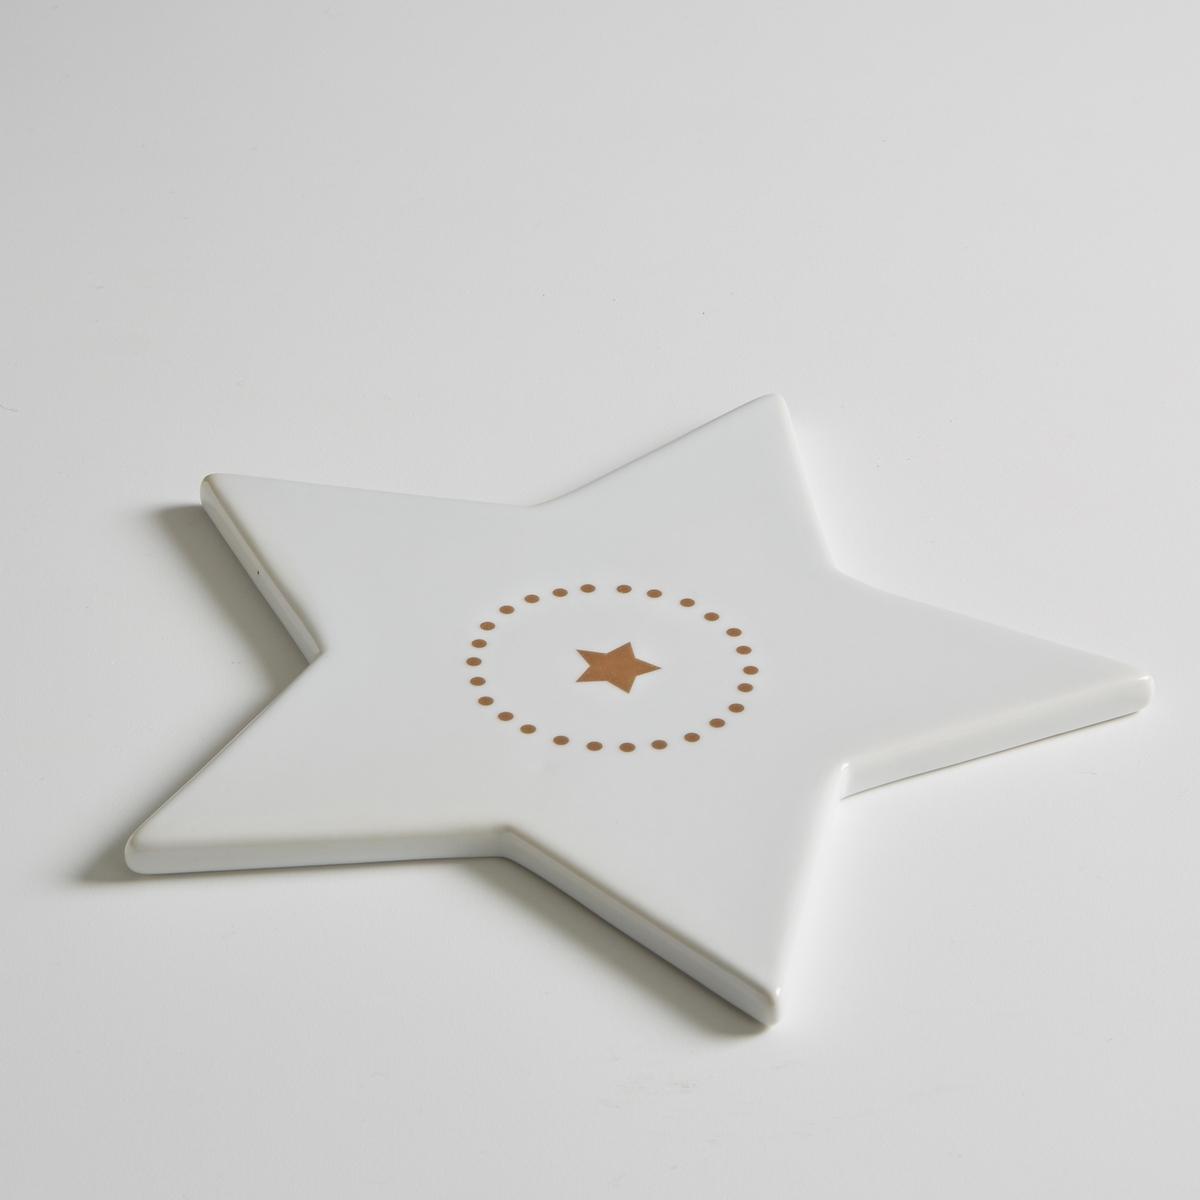 Подставка для блюда в форме звезды из фарфора, KublerПодставка для блюда в форме звезды из фарфора Kubler . Благородный фарфор в сочетании с оригинальными рисунками создают невероятно модный столовый аксессуар . Рисунок в виде звезды по центру с принтом в горошек вокруг  .Характеристики подставки для блюда в форме звезды из фарфораKubler :- Подставка для блюда из фарфора в форме звезды  - Размеры : 22 x 22 см- Высота : 1 см.- Использование в посудомоечной машине и микроволновой печи запрещеноНайдите комплект посуды из фарфора Kubler на нашем сайте laredoure.ru.<br><br>Цвет: белый